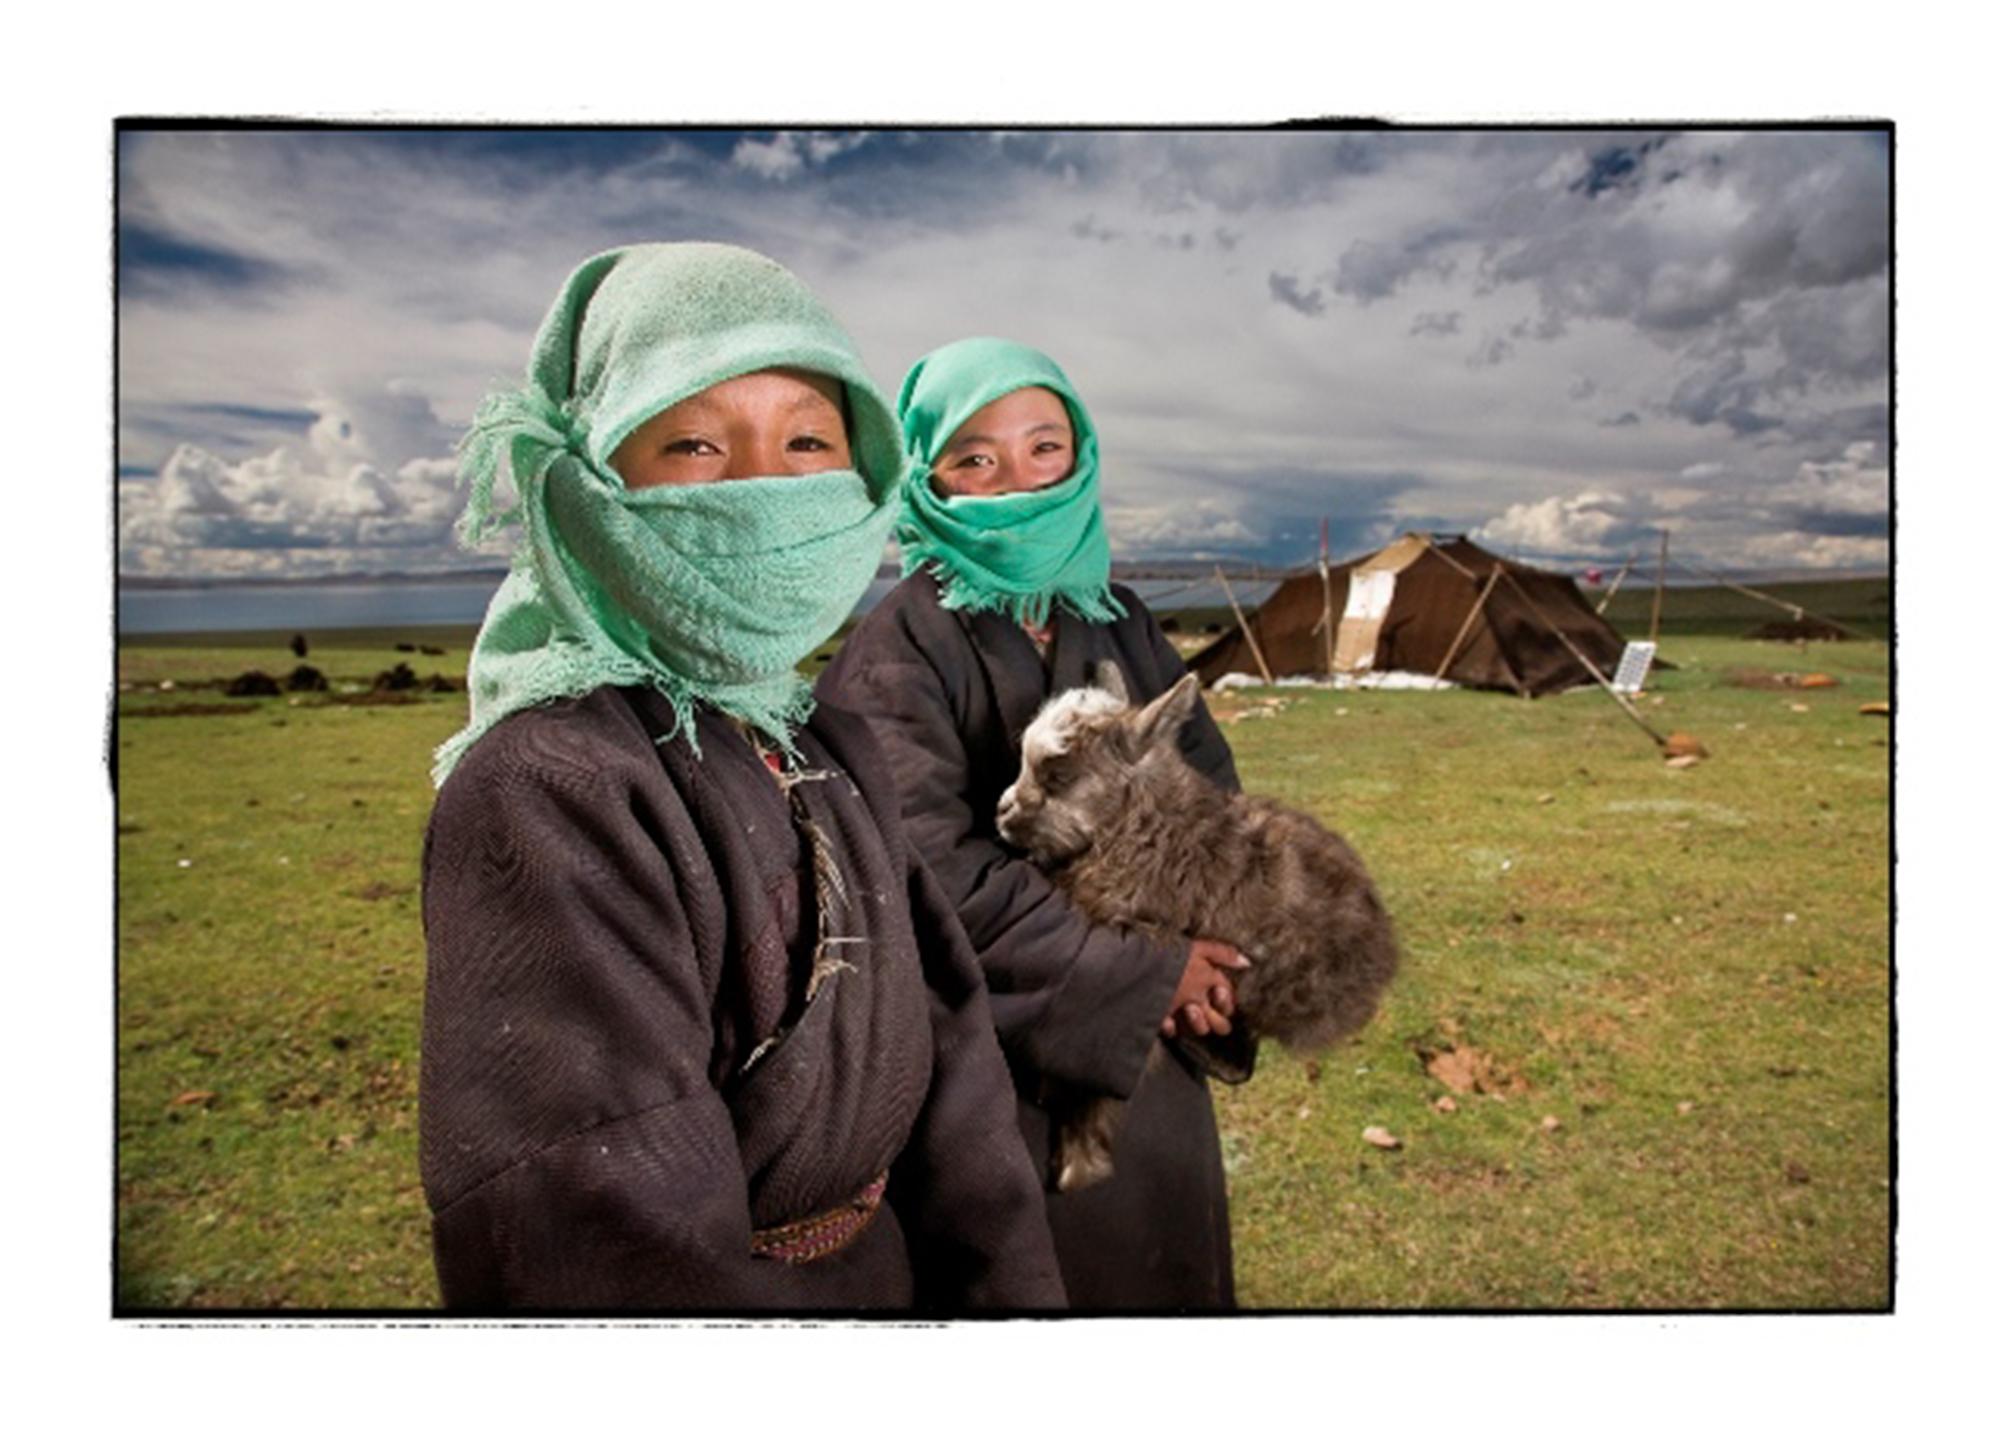 Tsekyi Lhamo, Tsering Lhamo